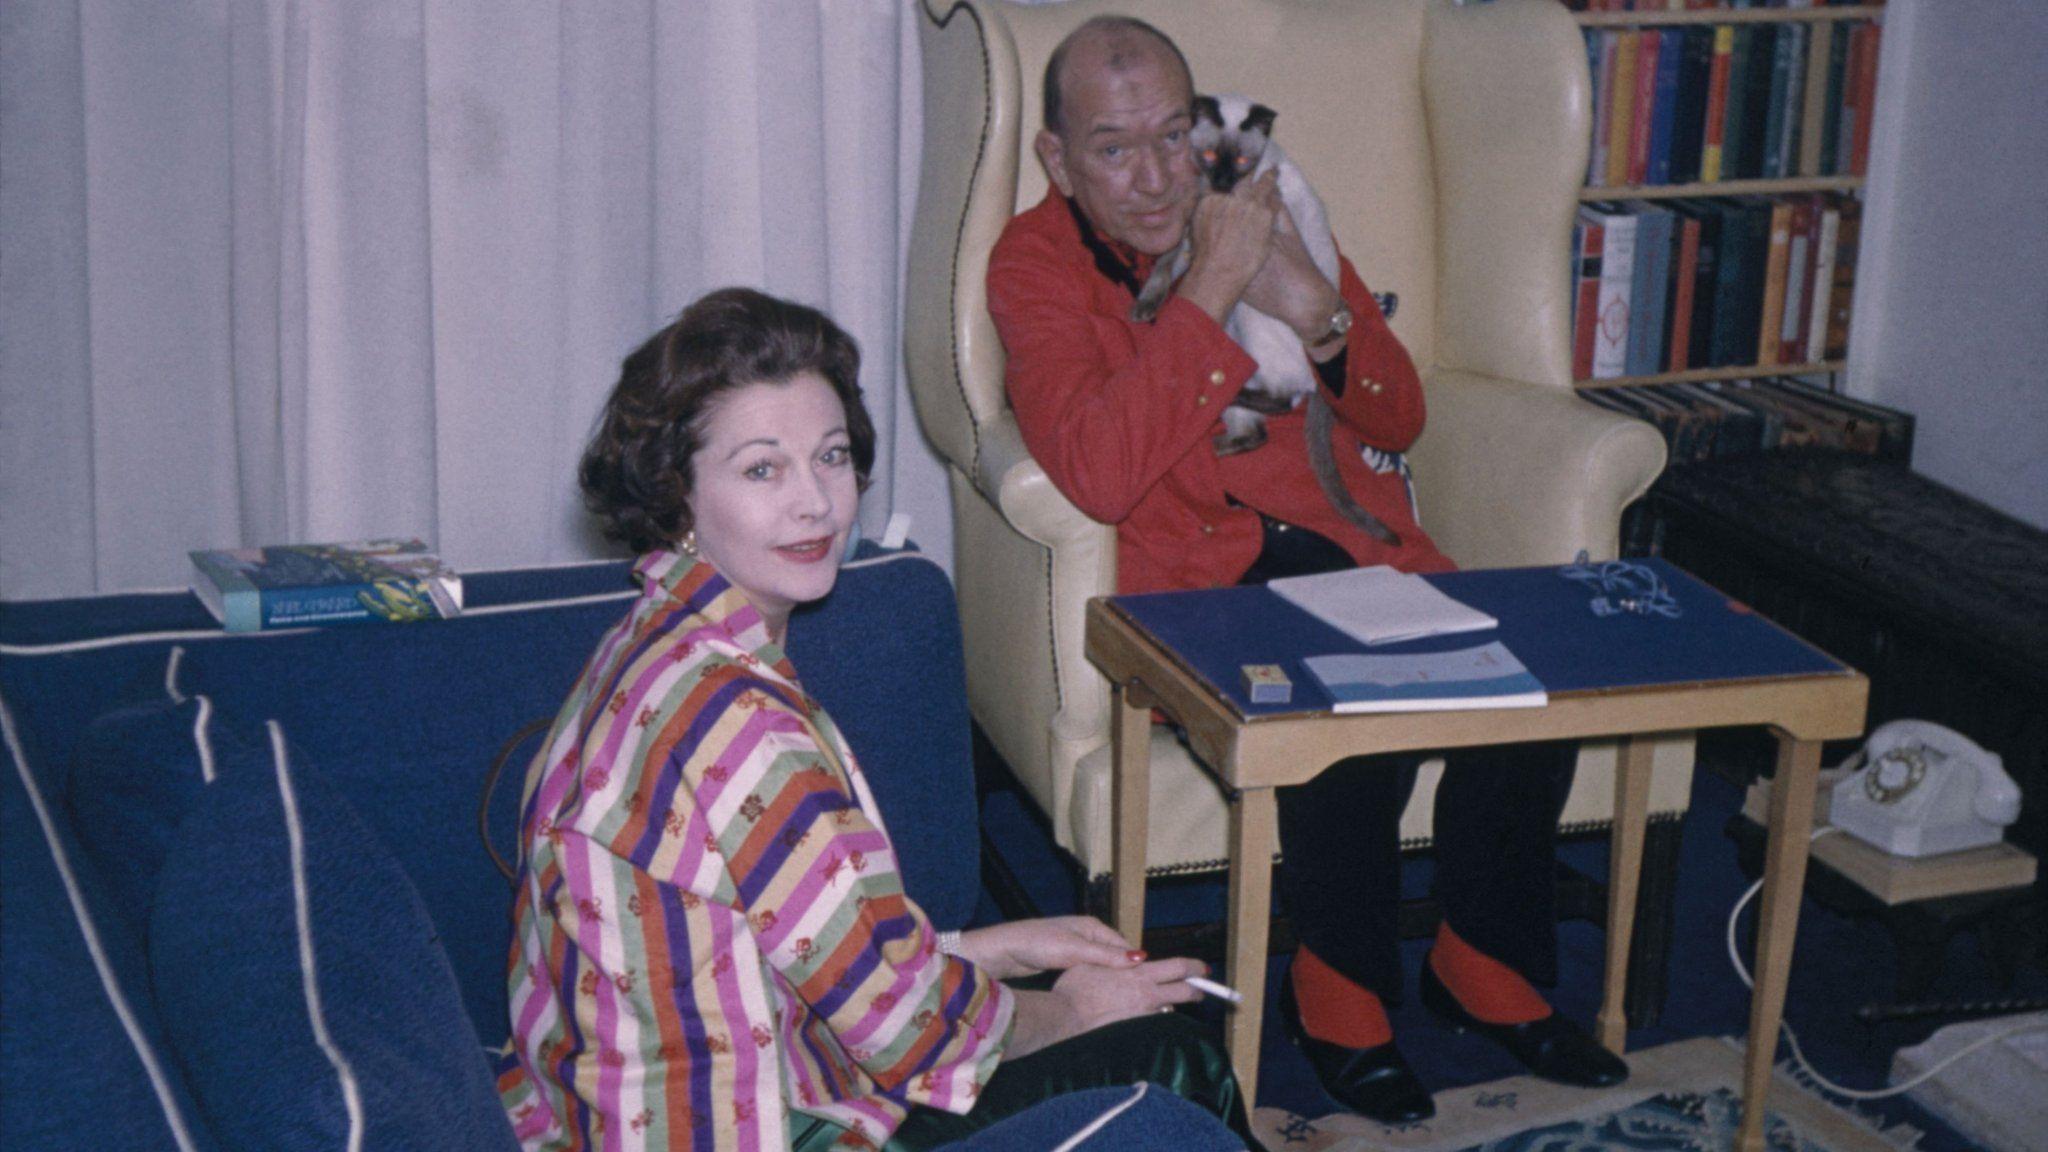 Vivien Leigh with Noel Coward